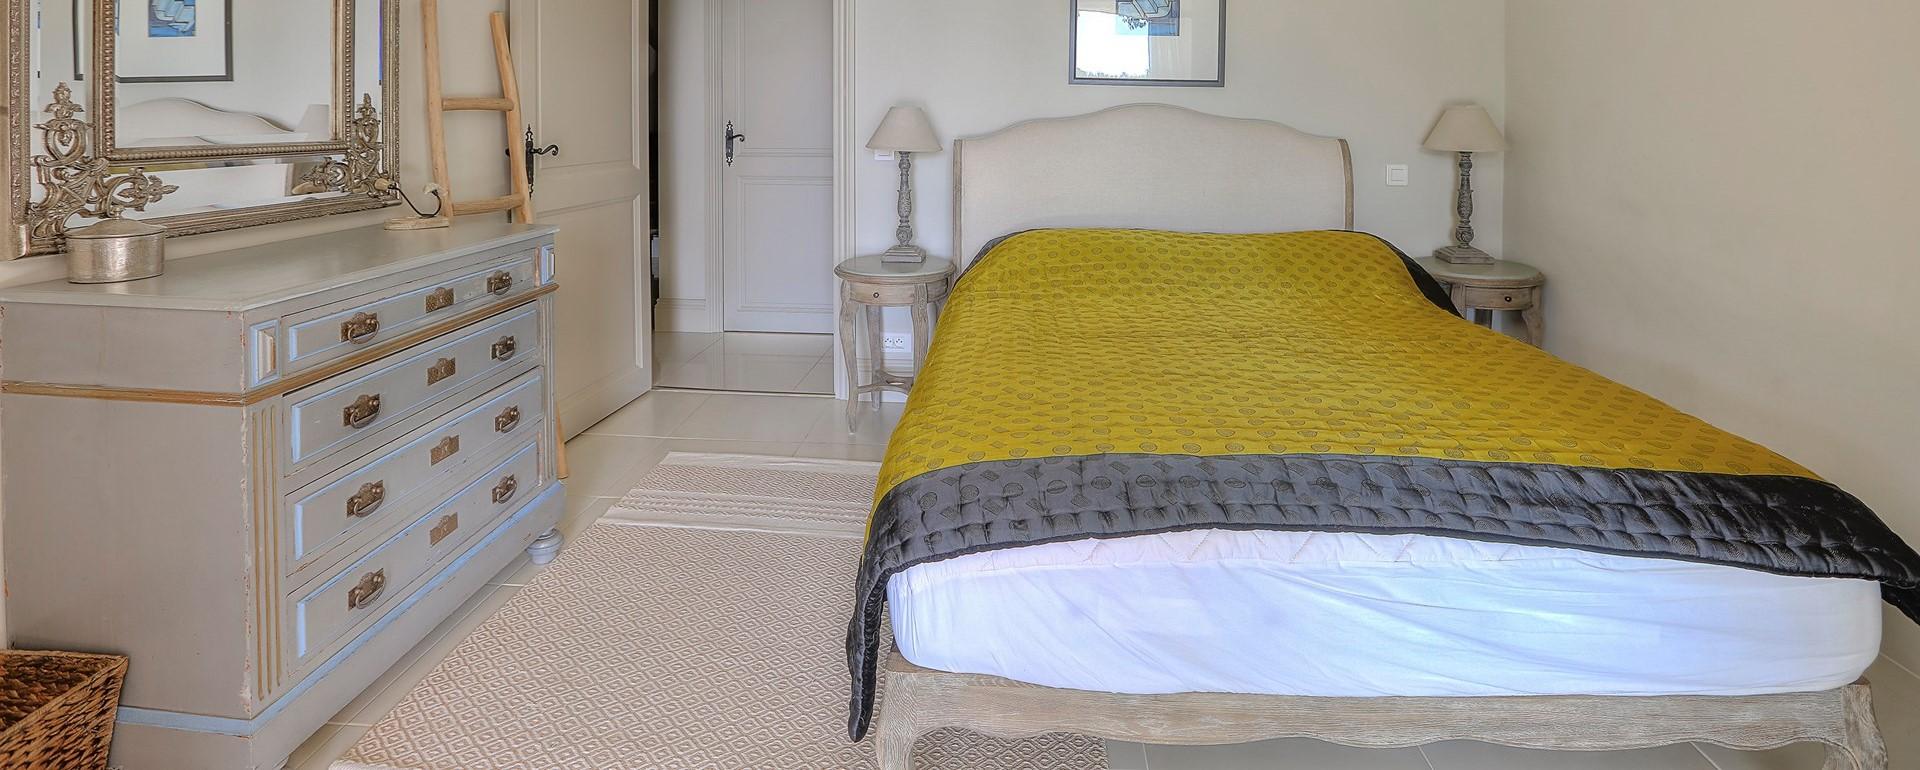 villa-gigaro-double-bedroom-2